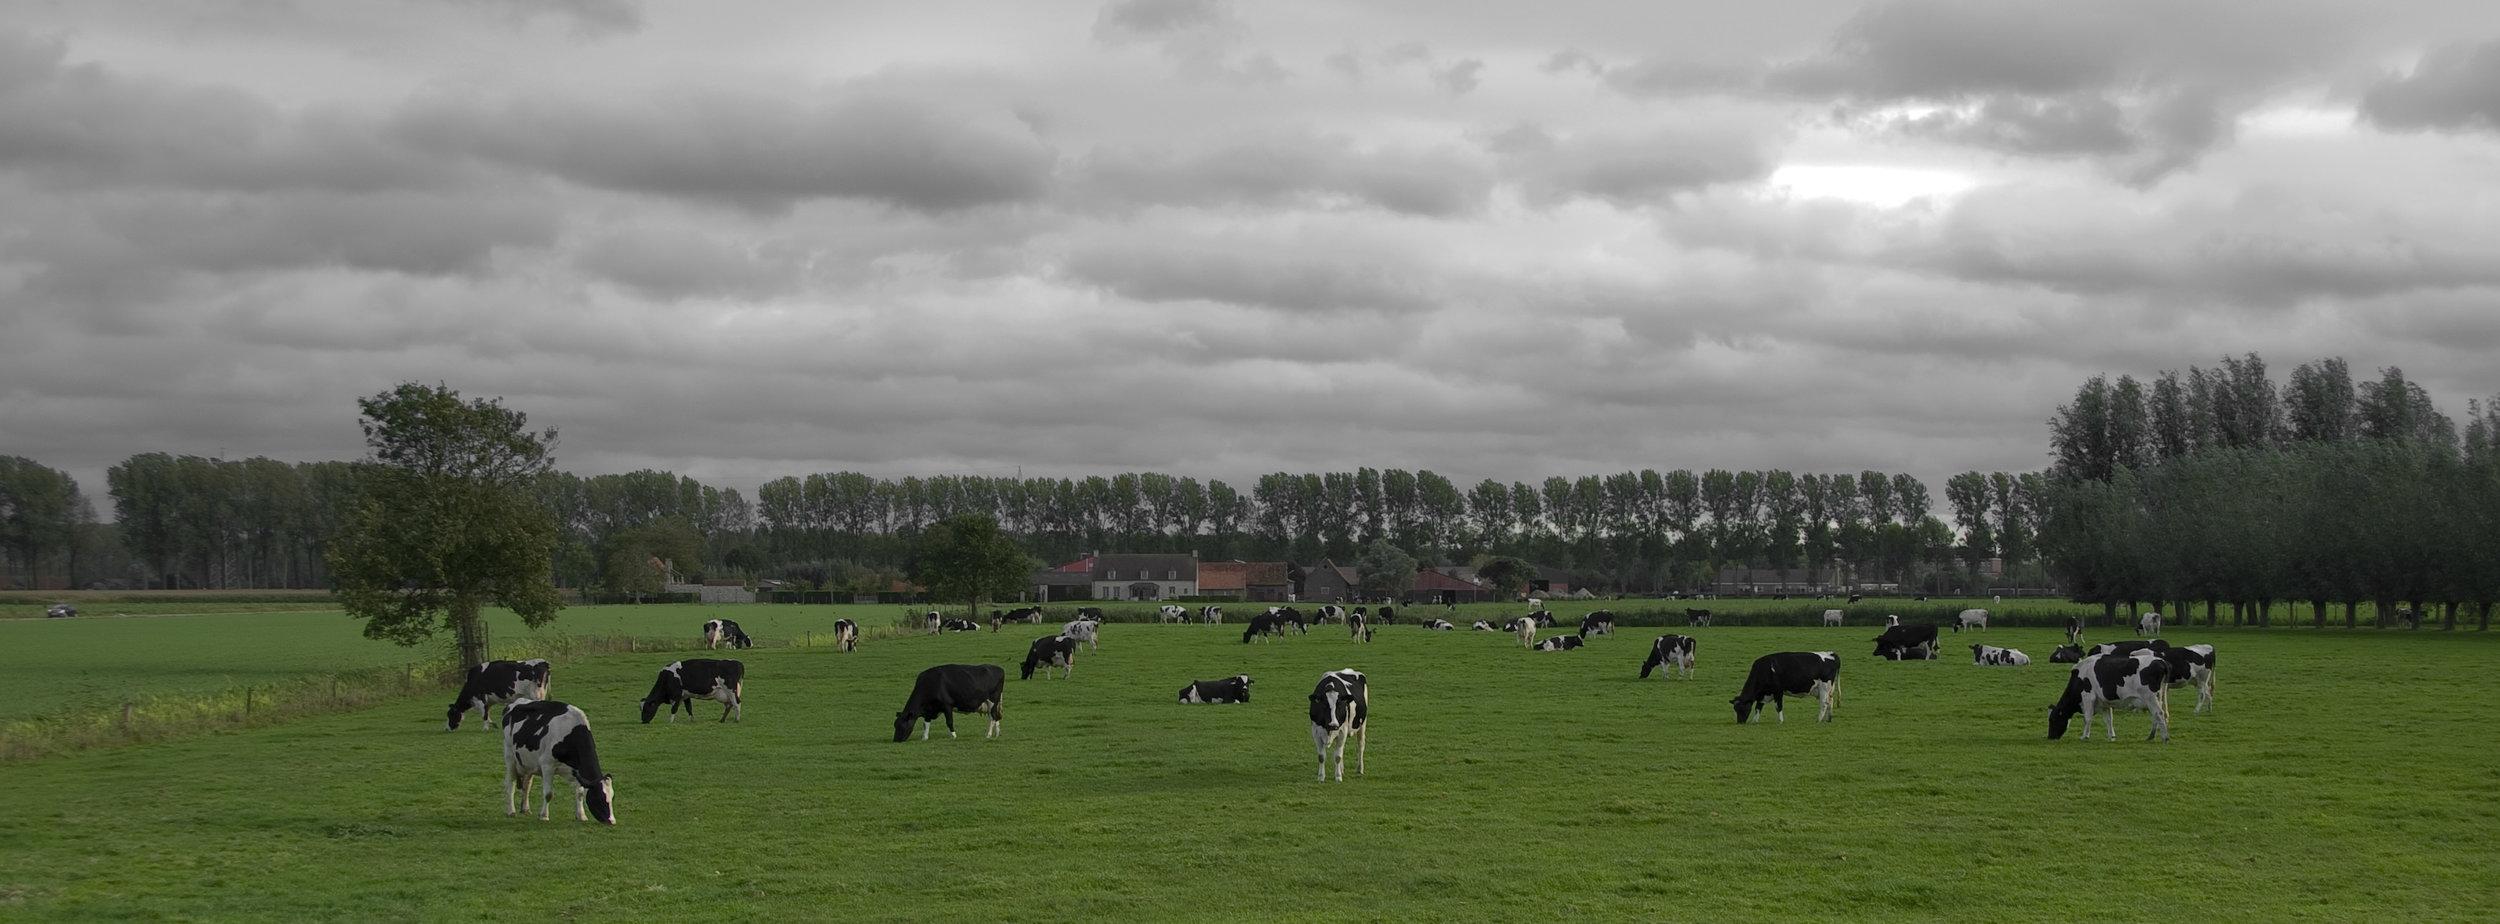 Belgian Cows